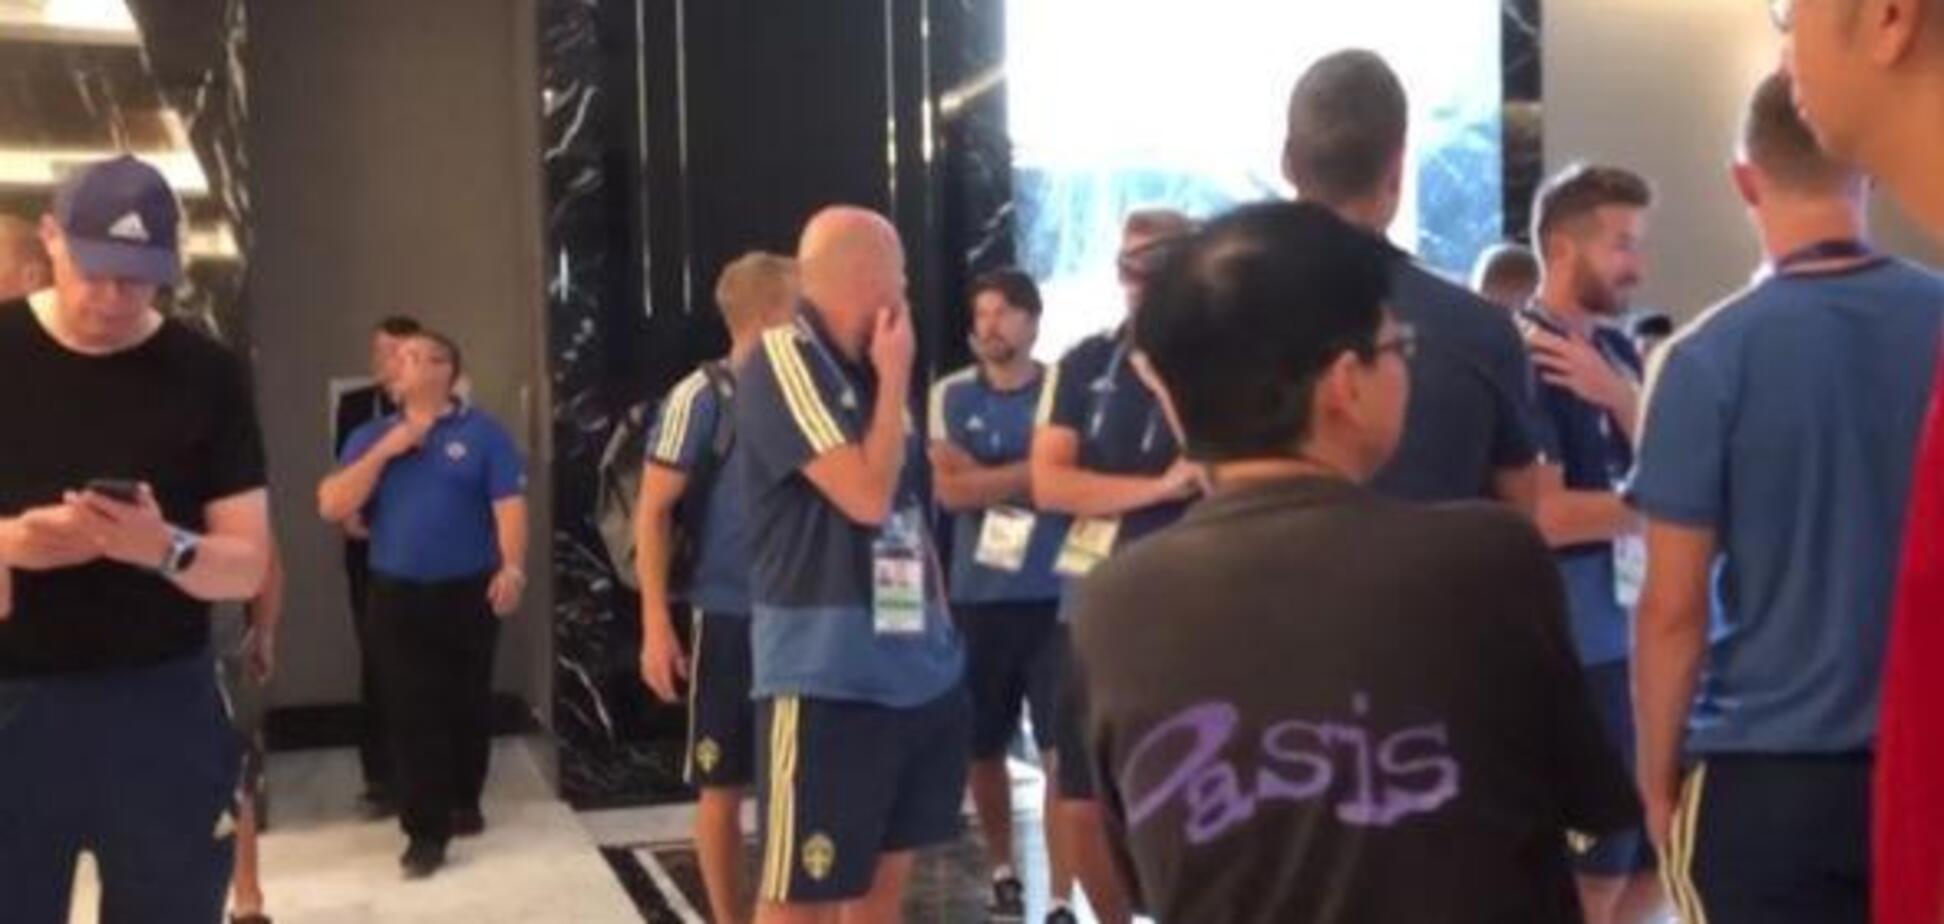 Збірну Швеції терміново евакуювали перед матчем з Англією